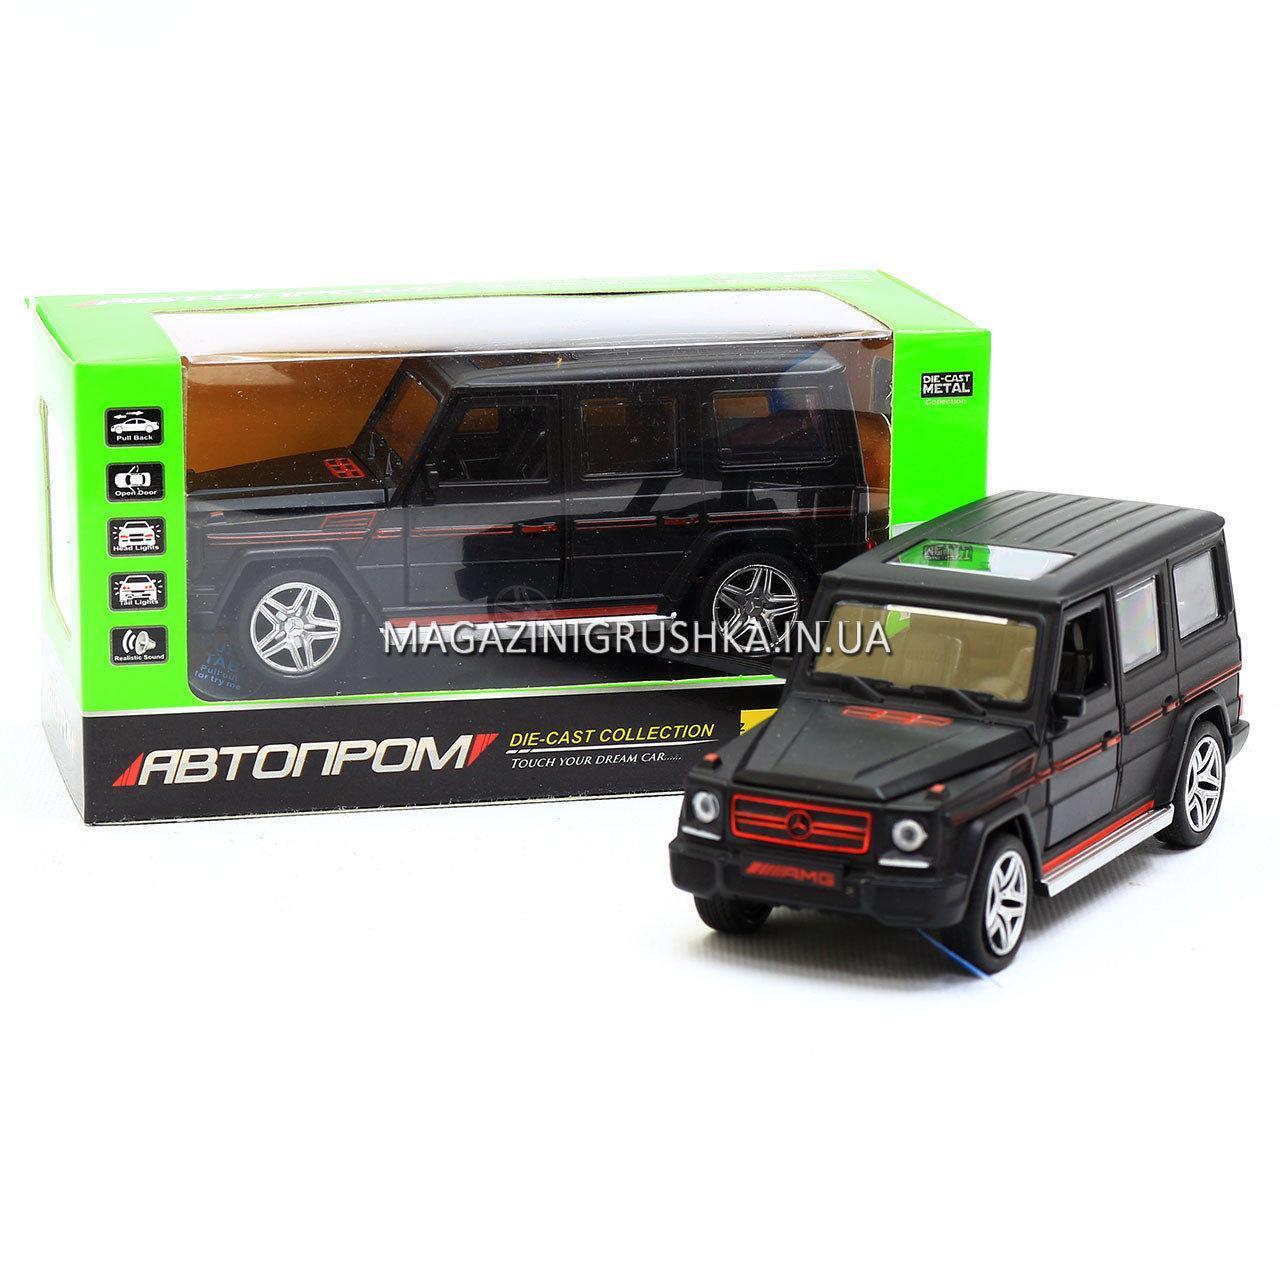 Іграшка машина Автопром Мерседес Бенц (Mercedes-Benz) Матовий чорний .Залізні машинки Гелендваген (Гелик)